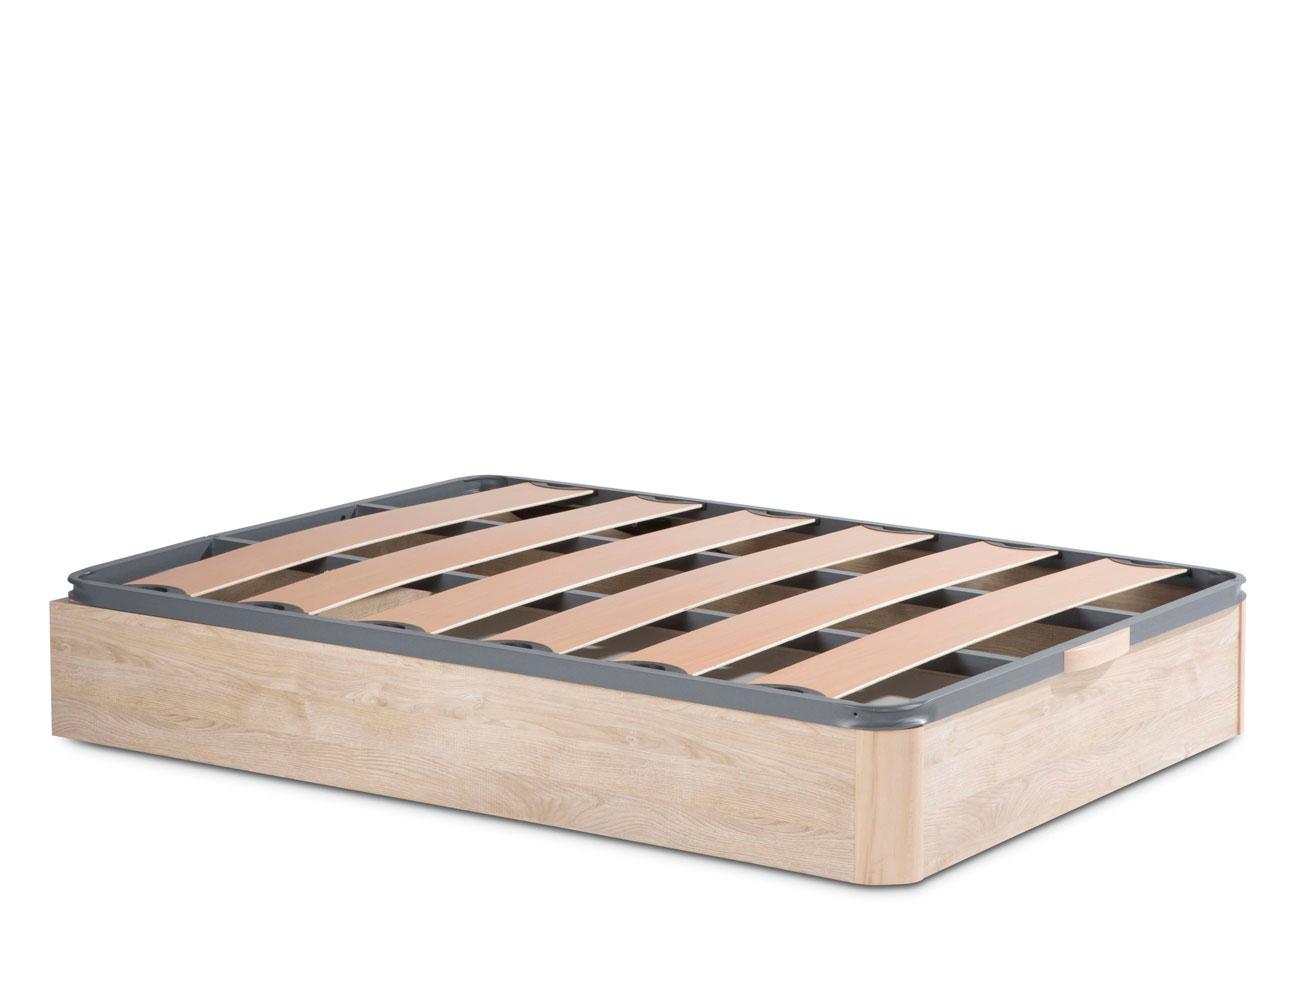 Canape madera somier laminas pvc 7818